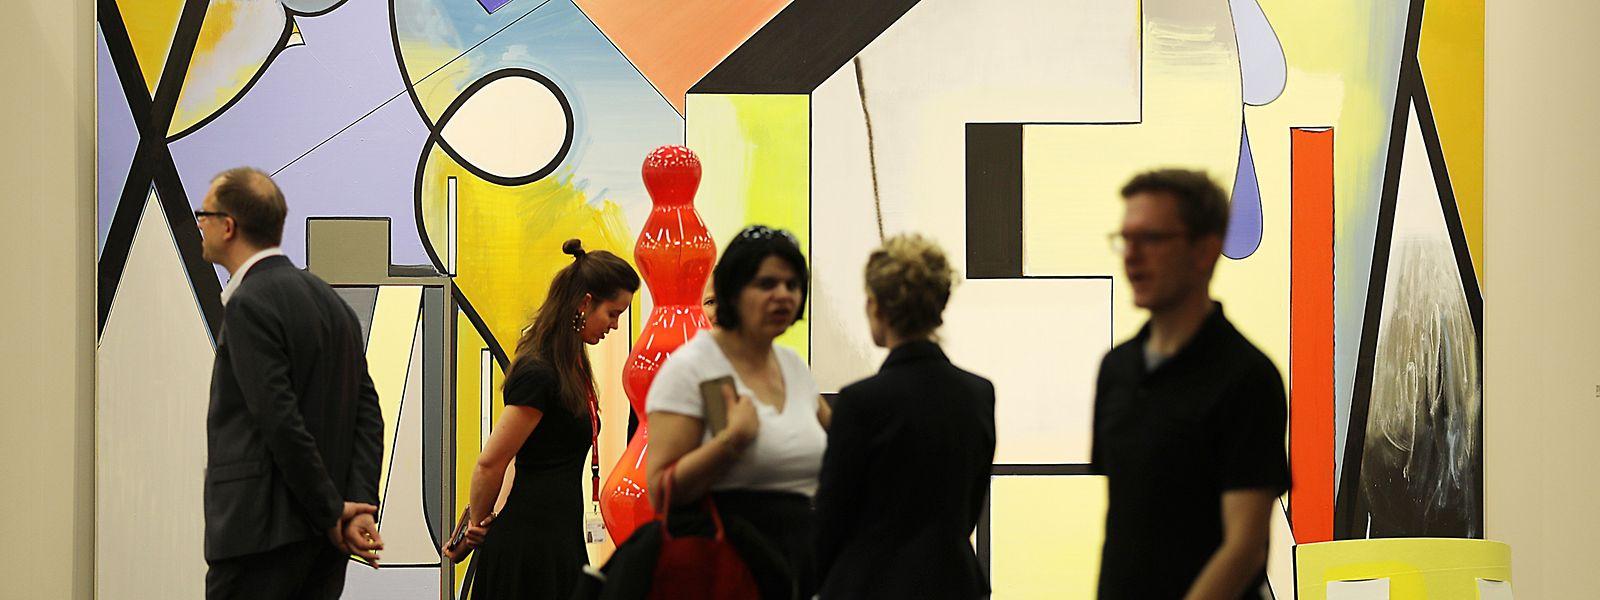 Besucher der Kunstmesse Art Cologne gehen am Stand der Galerie Sprüth Magers (D/GB/USA) vorbei.